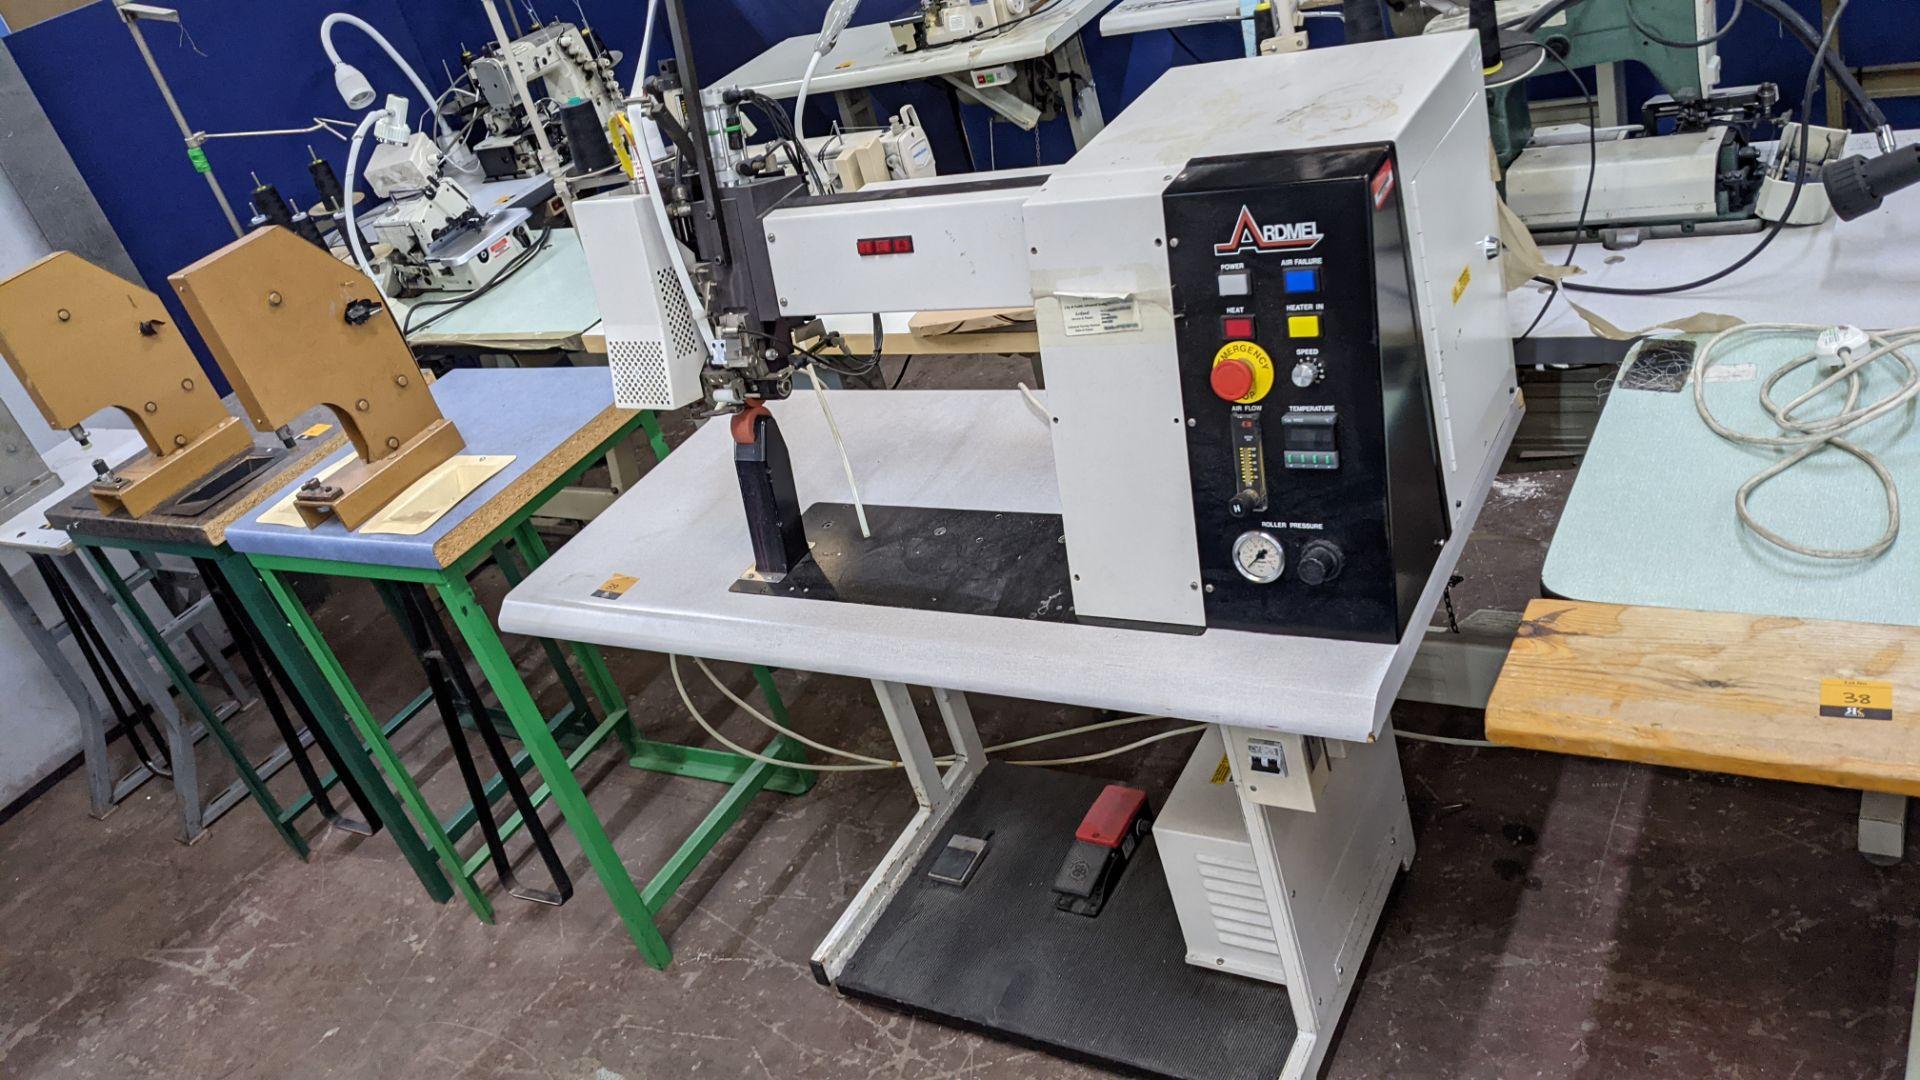 Ardmel seam sealing machine - Image 4 of 18